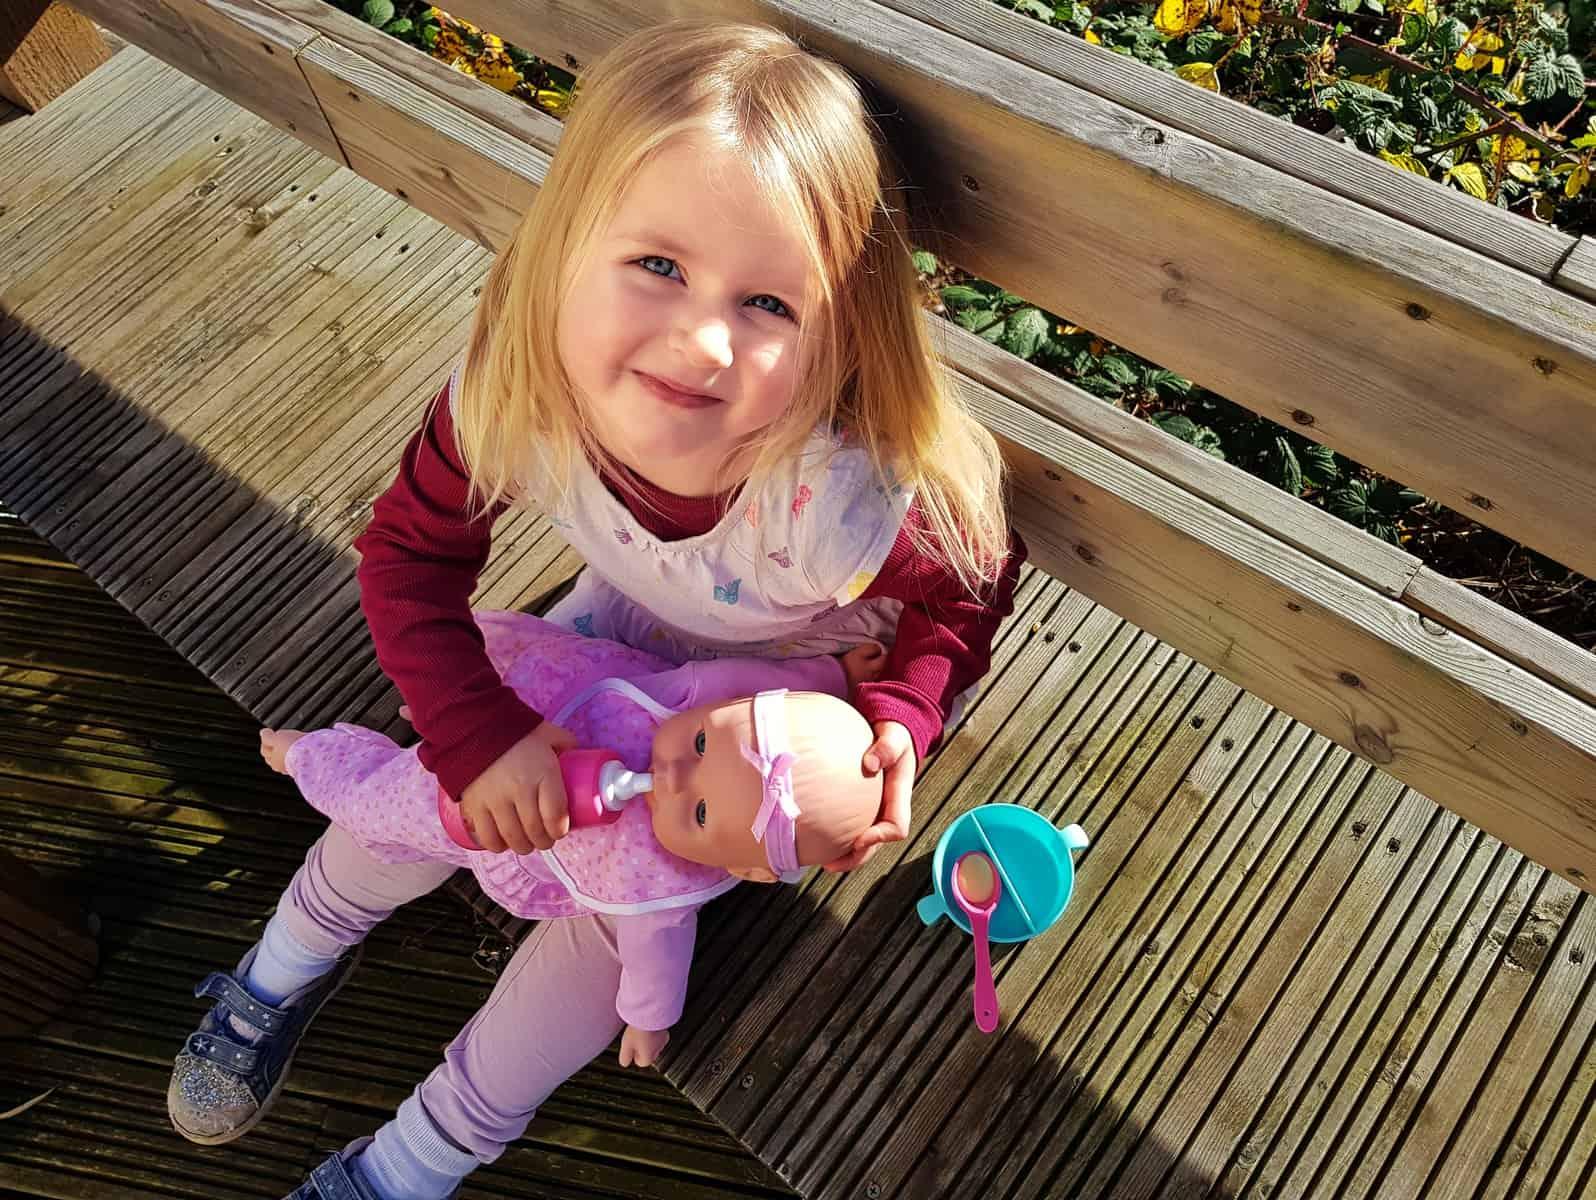 3 year old girl feeding milk to doll